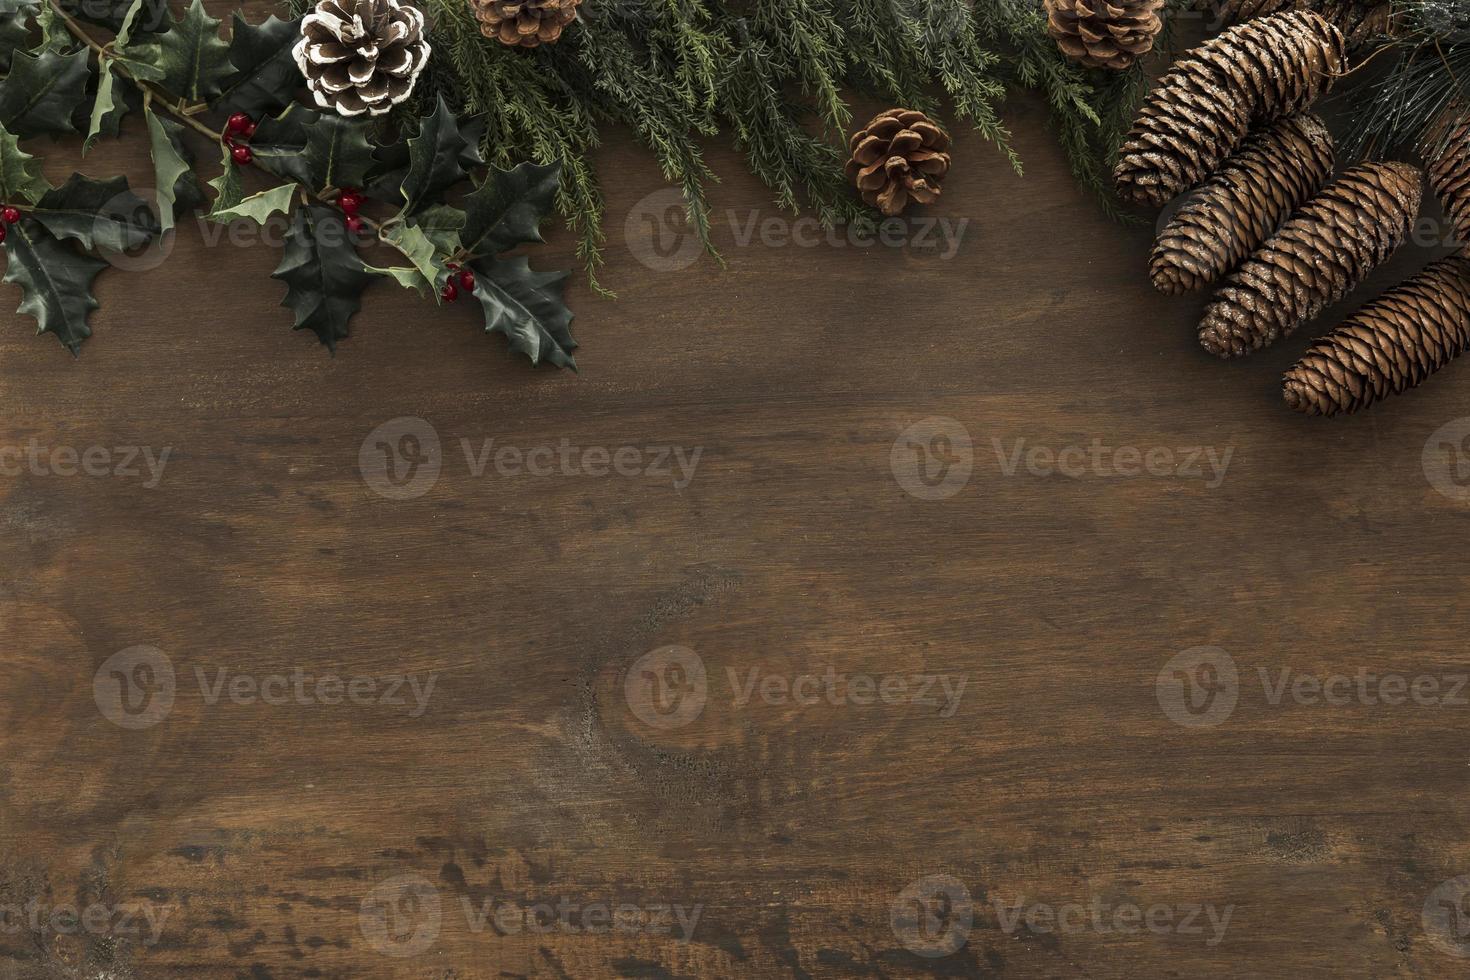 hulst takken met kegels op houten tafel foto